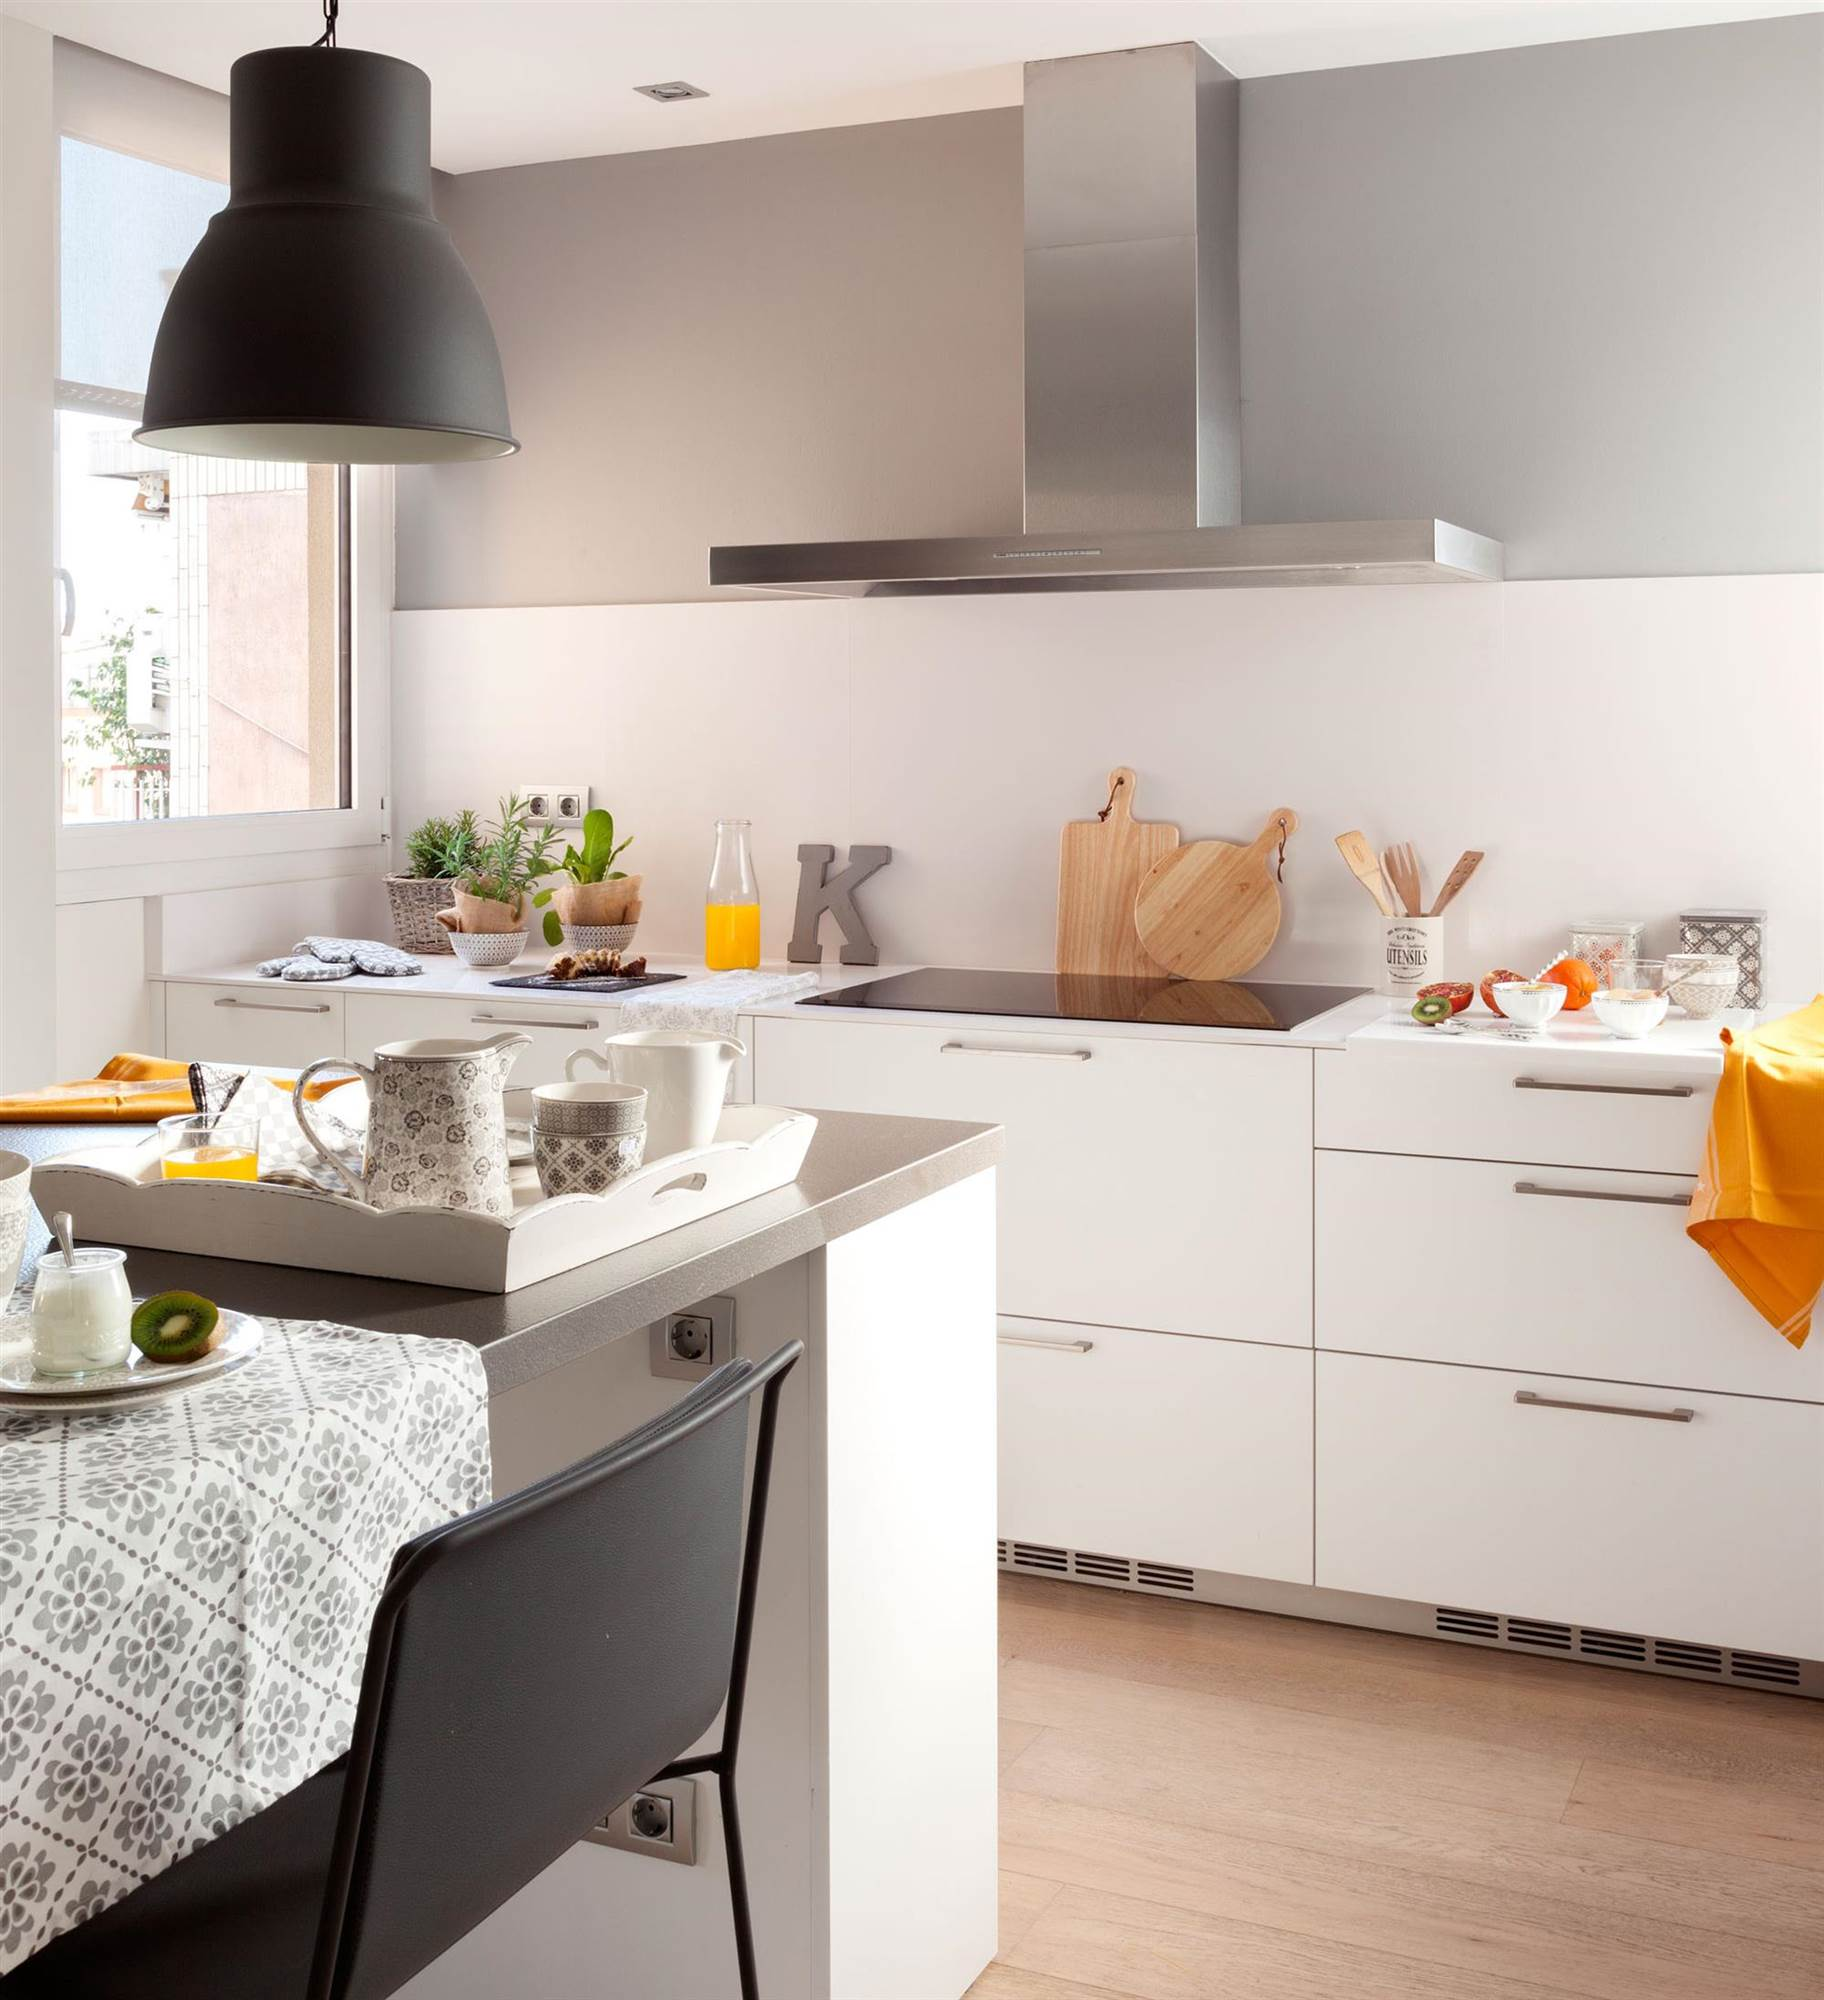 Encimeras de cocina materiales elegant encimeras de - Materiales encimeras cocina ...